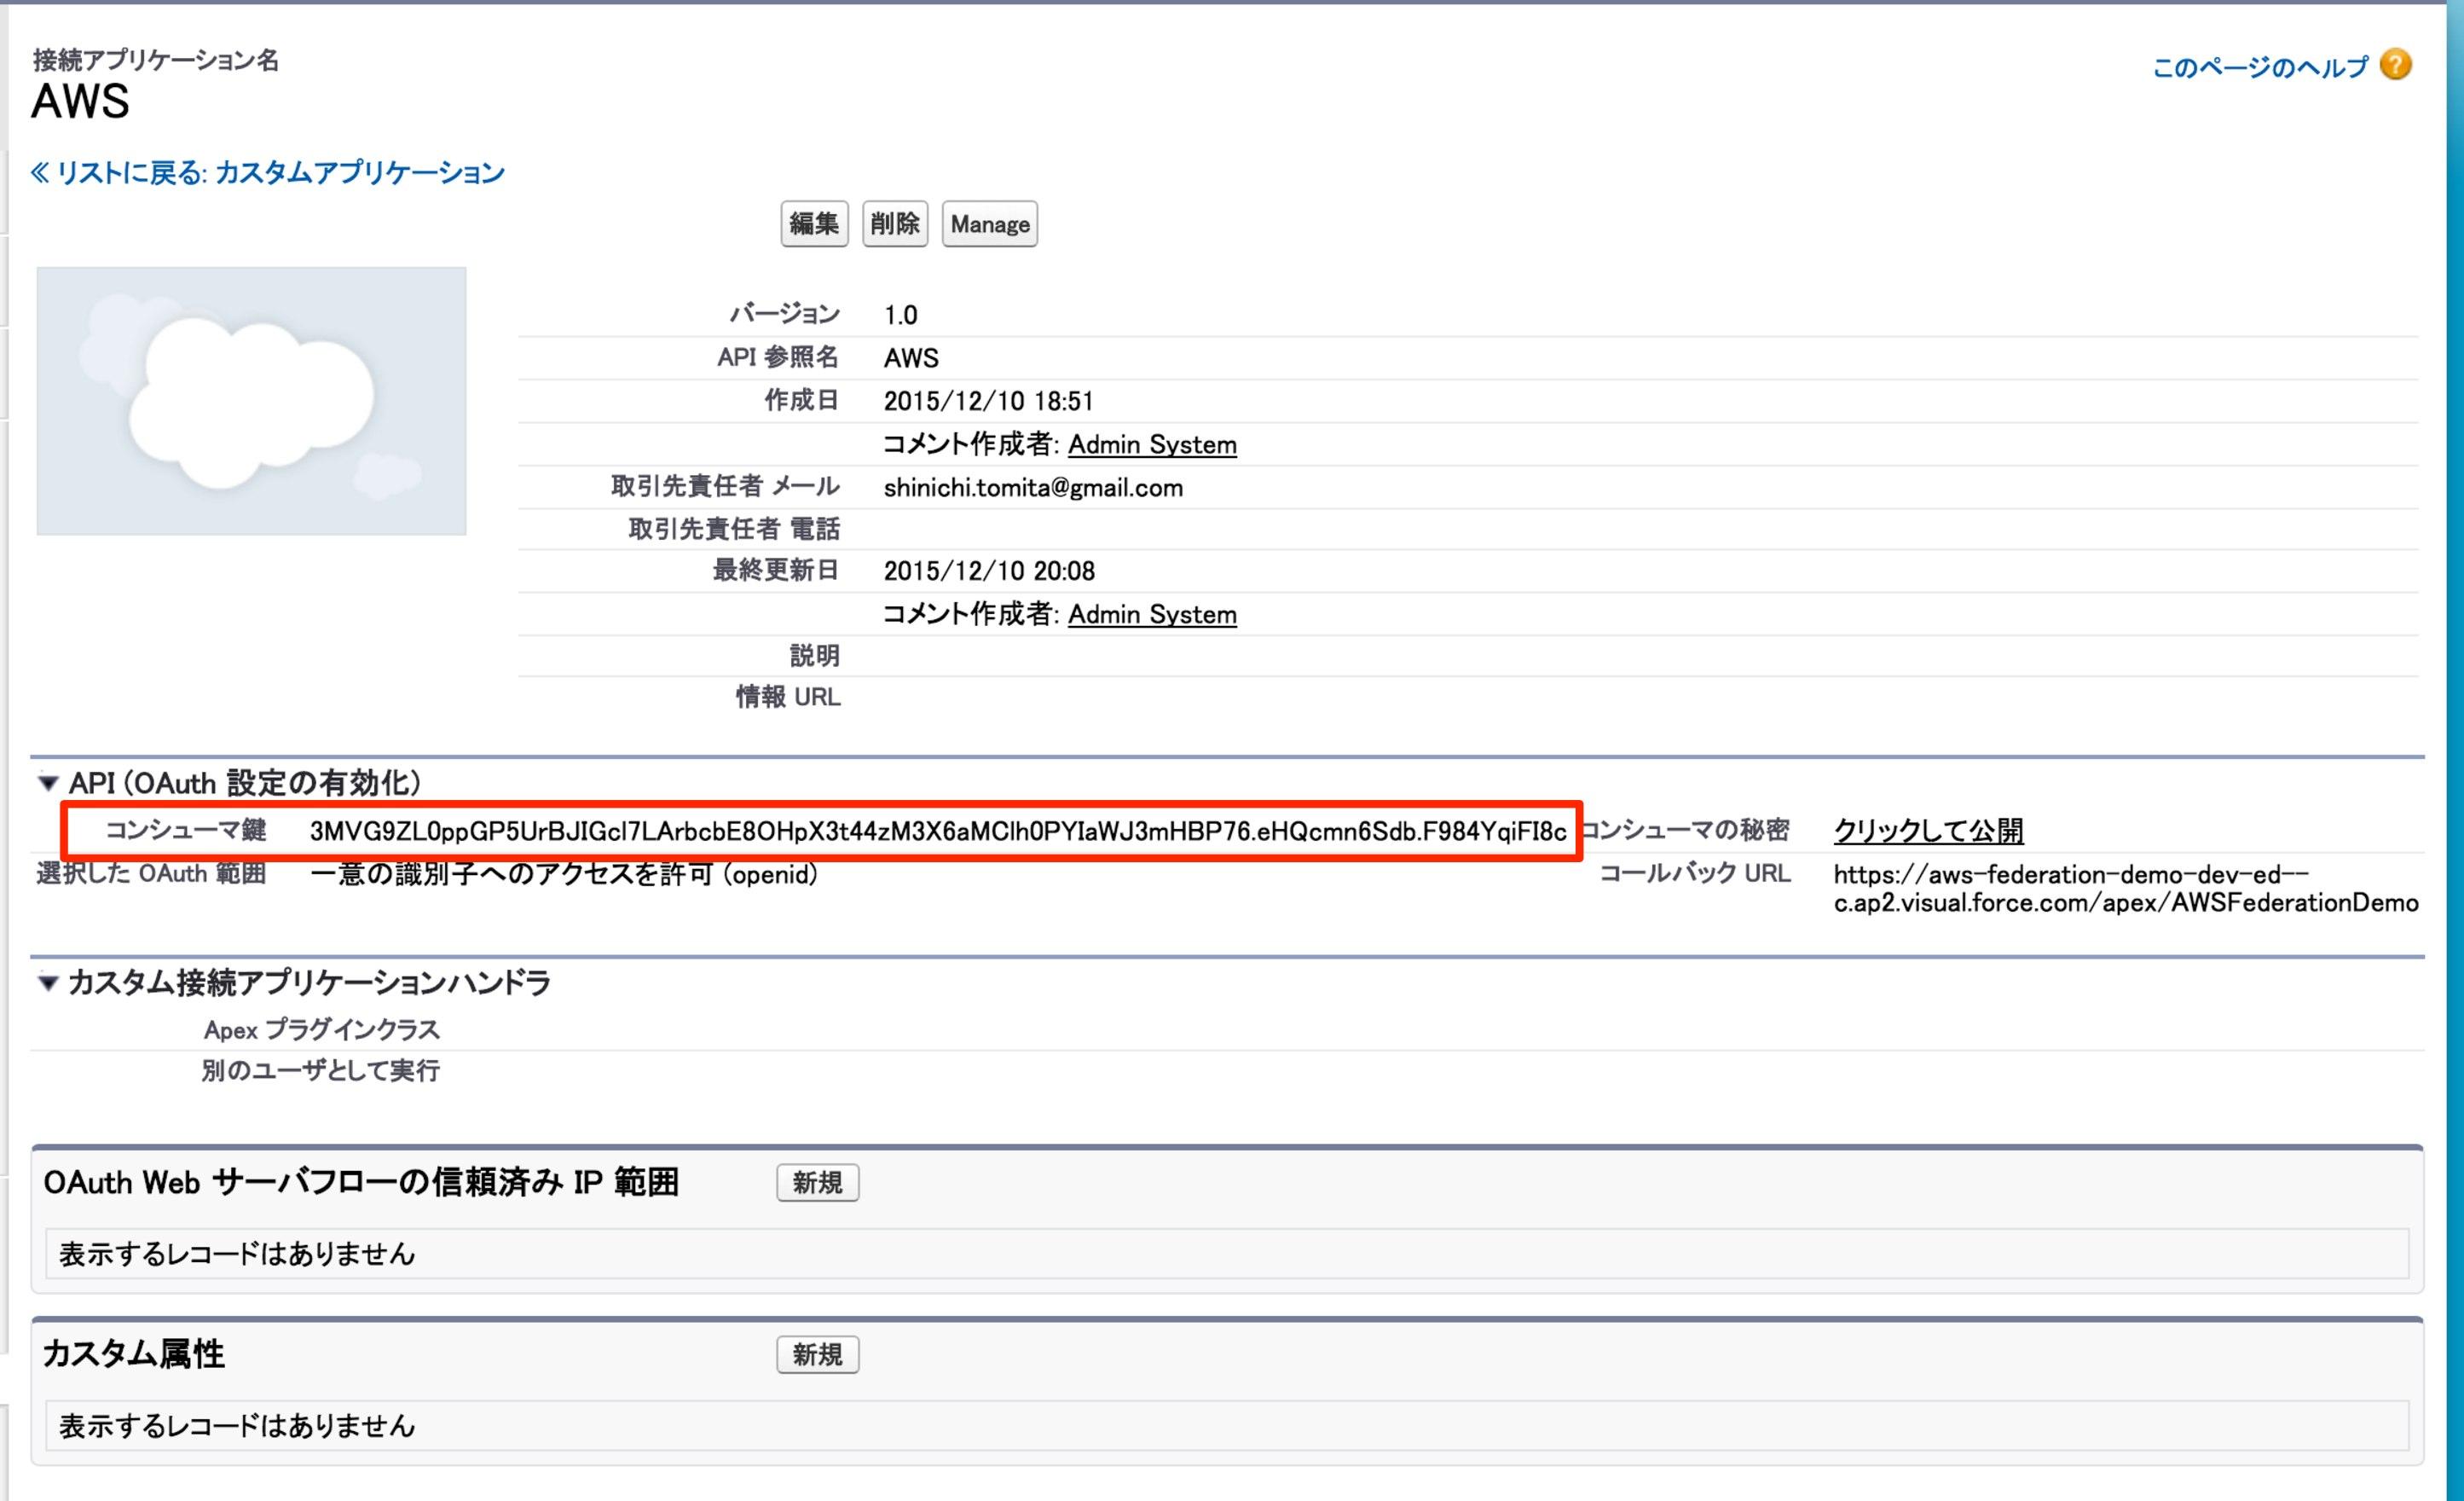 接続アプリケーション_ AWS ~ Salesforce - Developer Edition-1-1.jpg